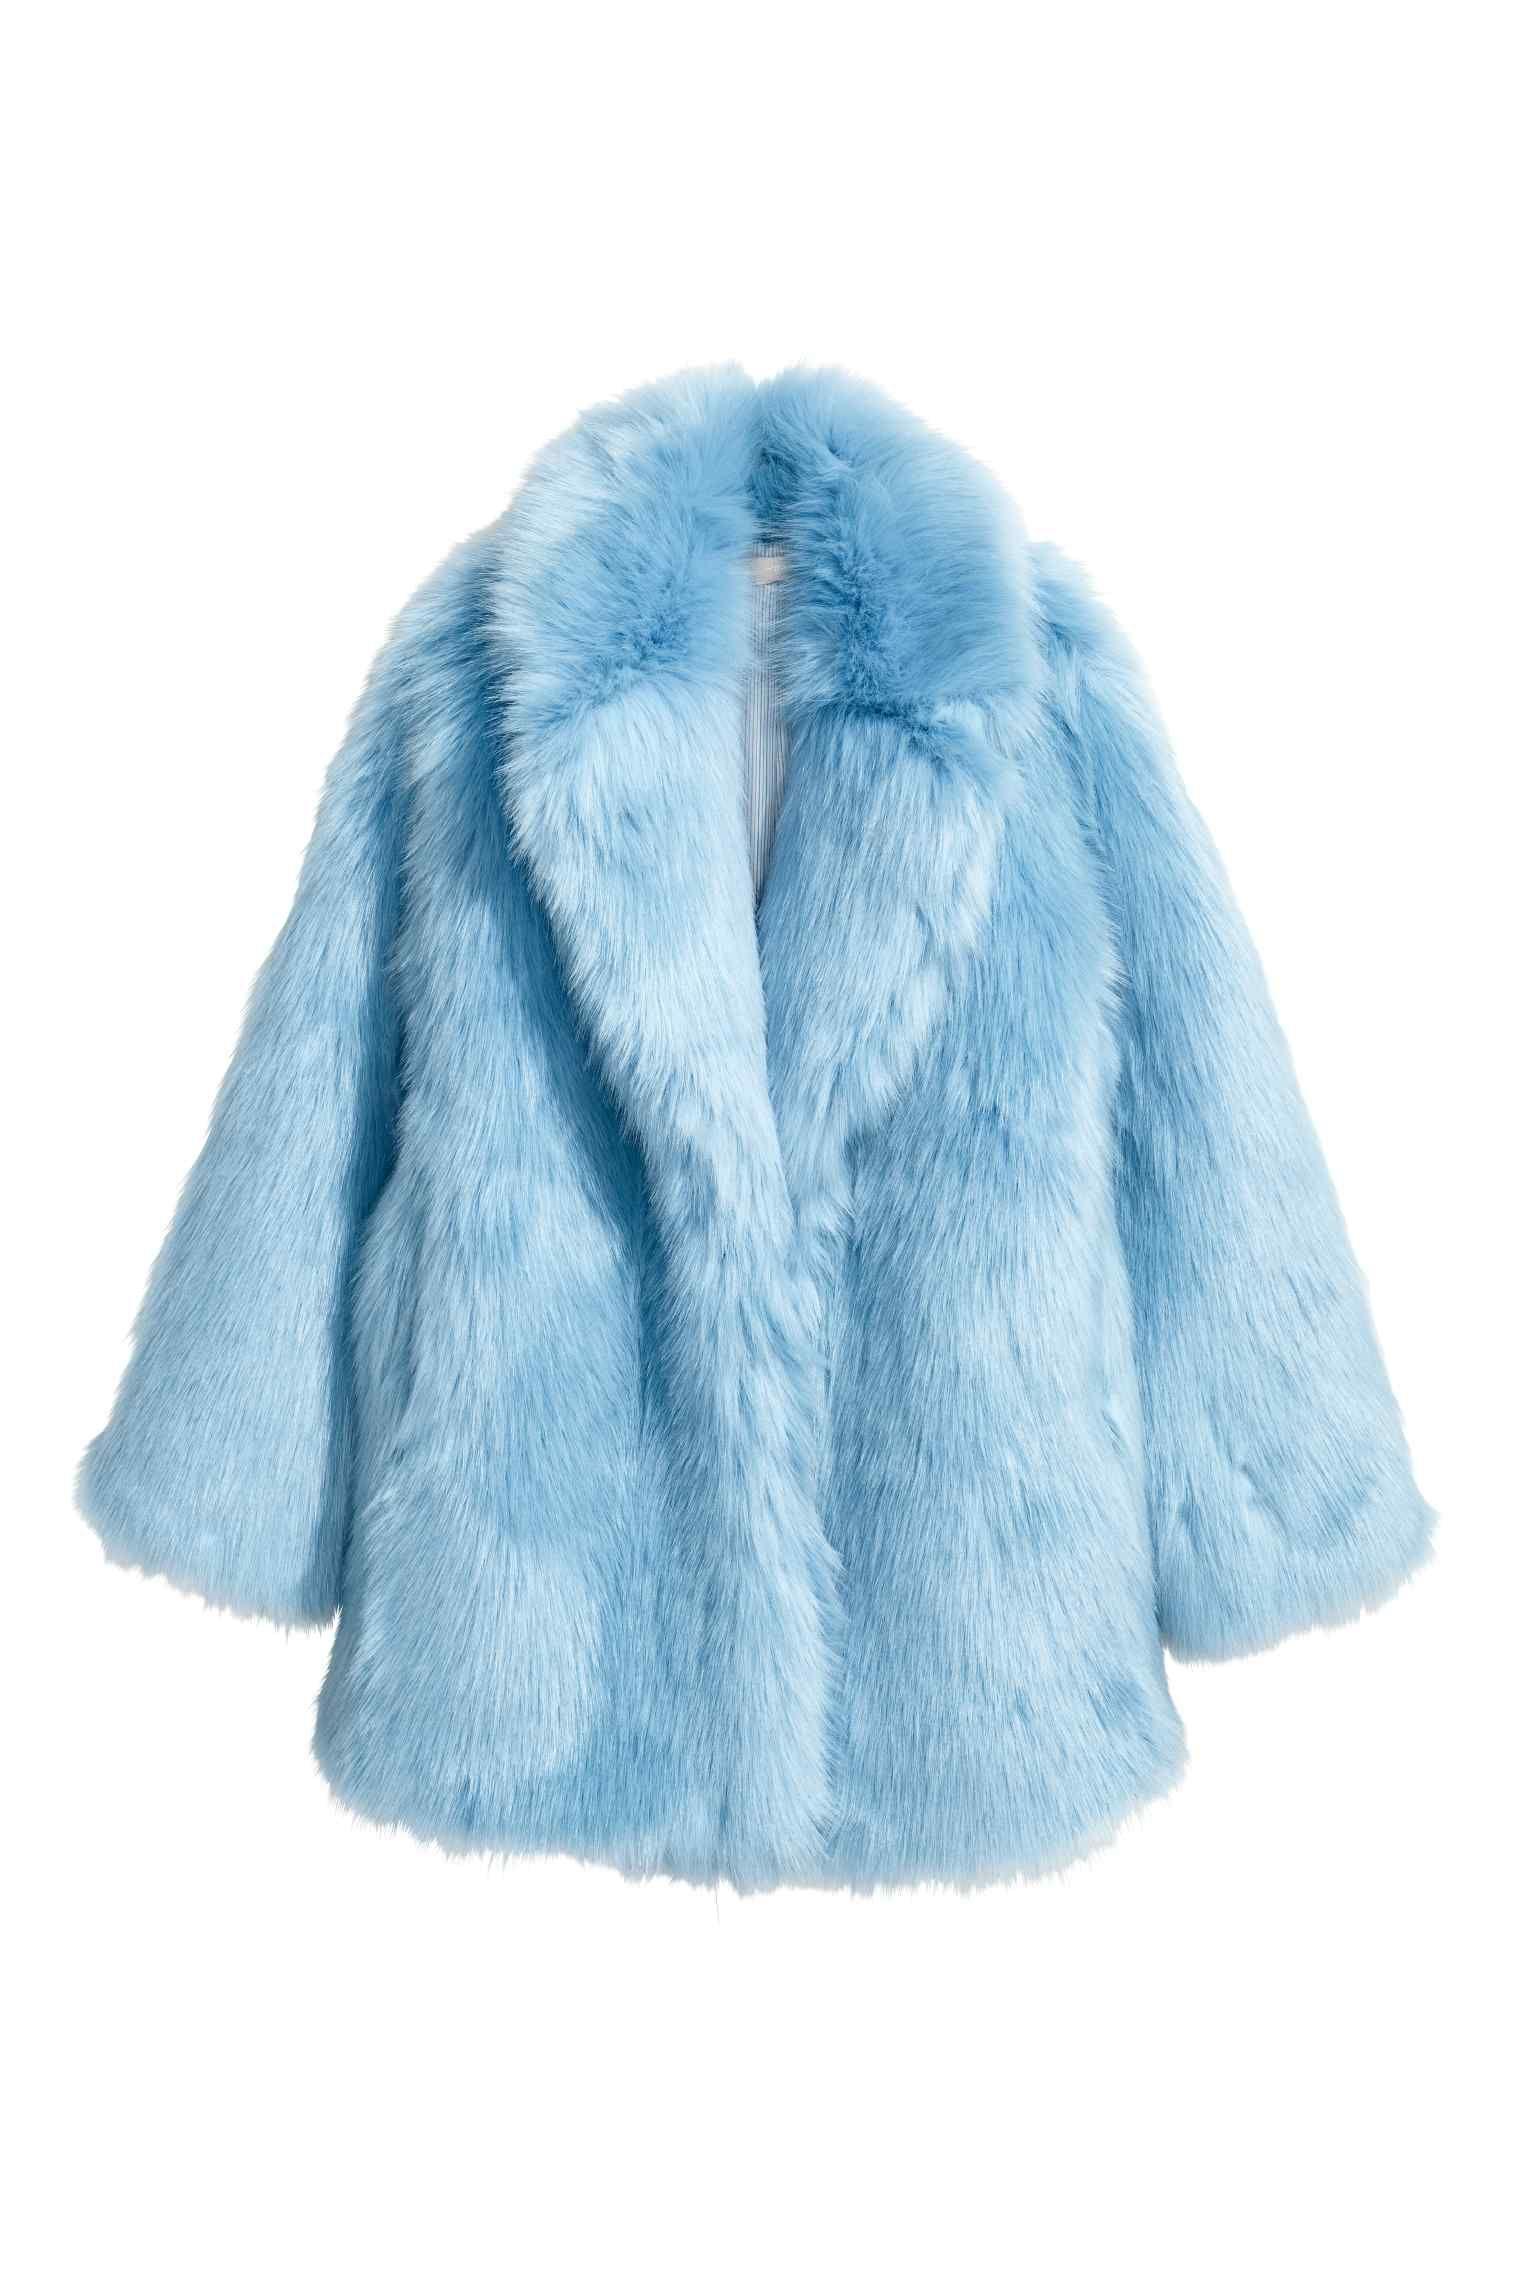 Faux Fur Jacket Faux Fur Jacket Blue Faux Fur Coat Blue Fur Coat